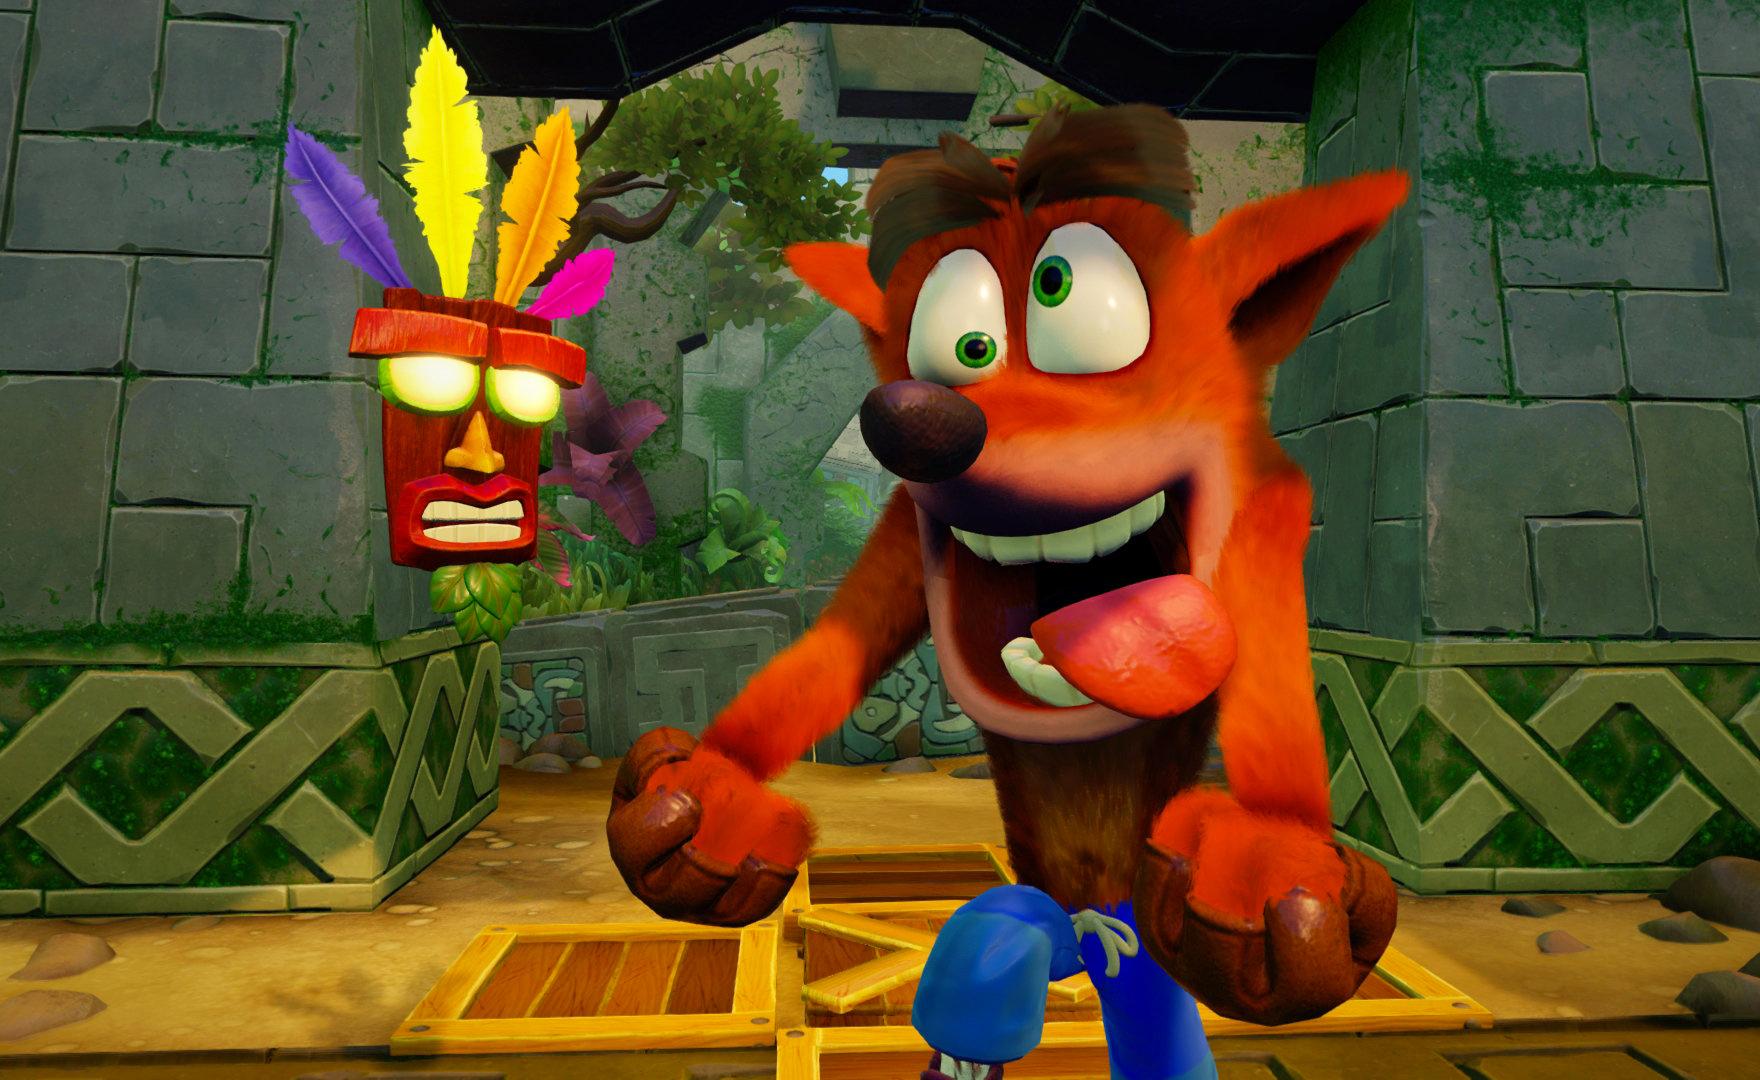 Crash Bandicoot 4: It's About Time, pubblicato un primo teaser